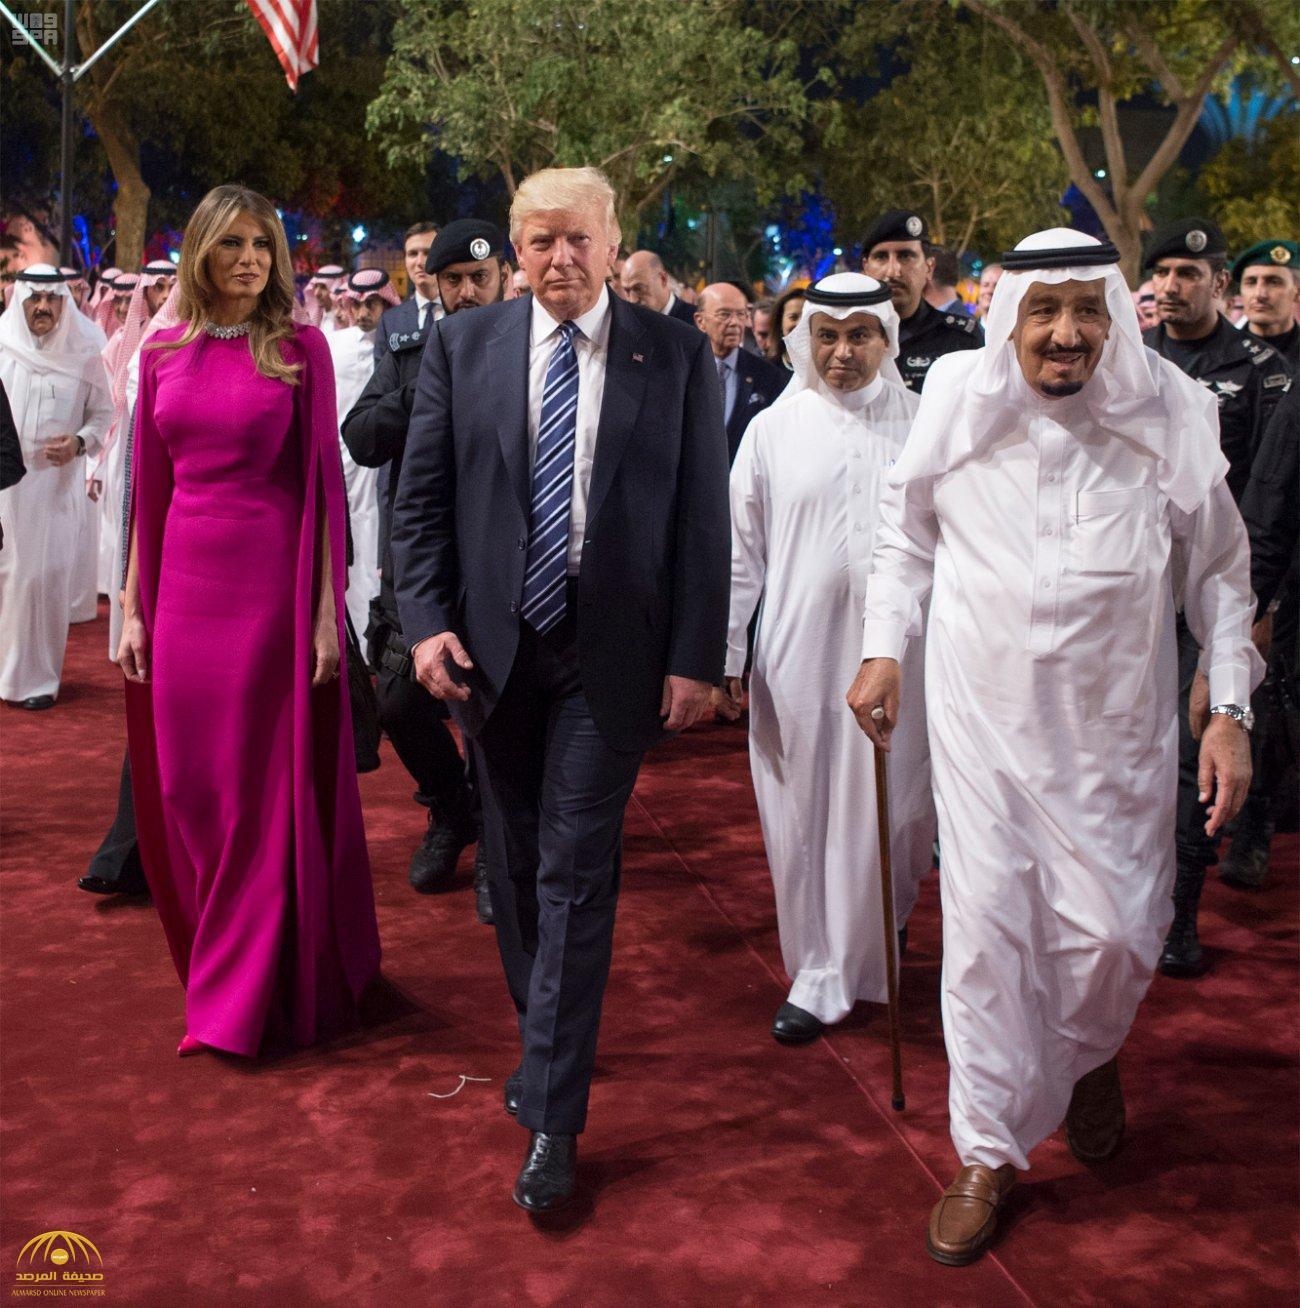 شاهد بالصور .. لحظة استقبال خادم الحرمين لضيفه الكبير الرئيس ترمب في قصر المربع